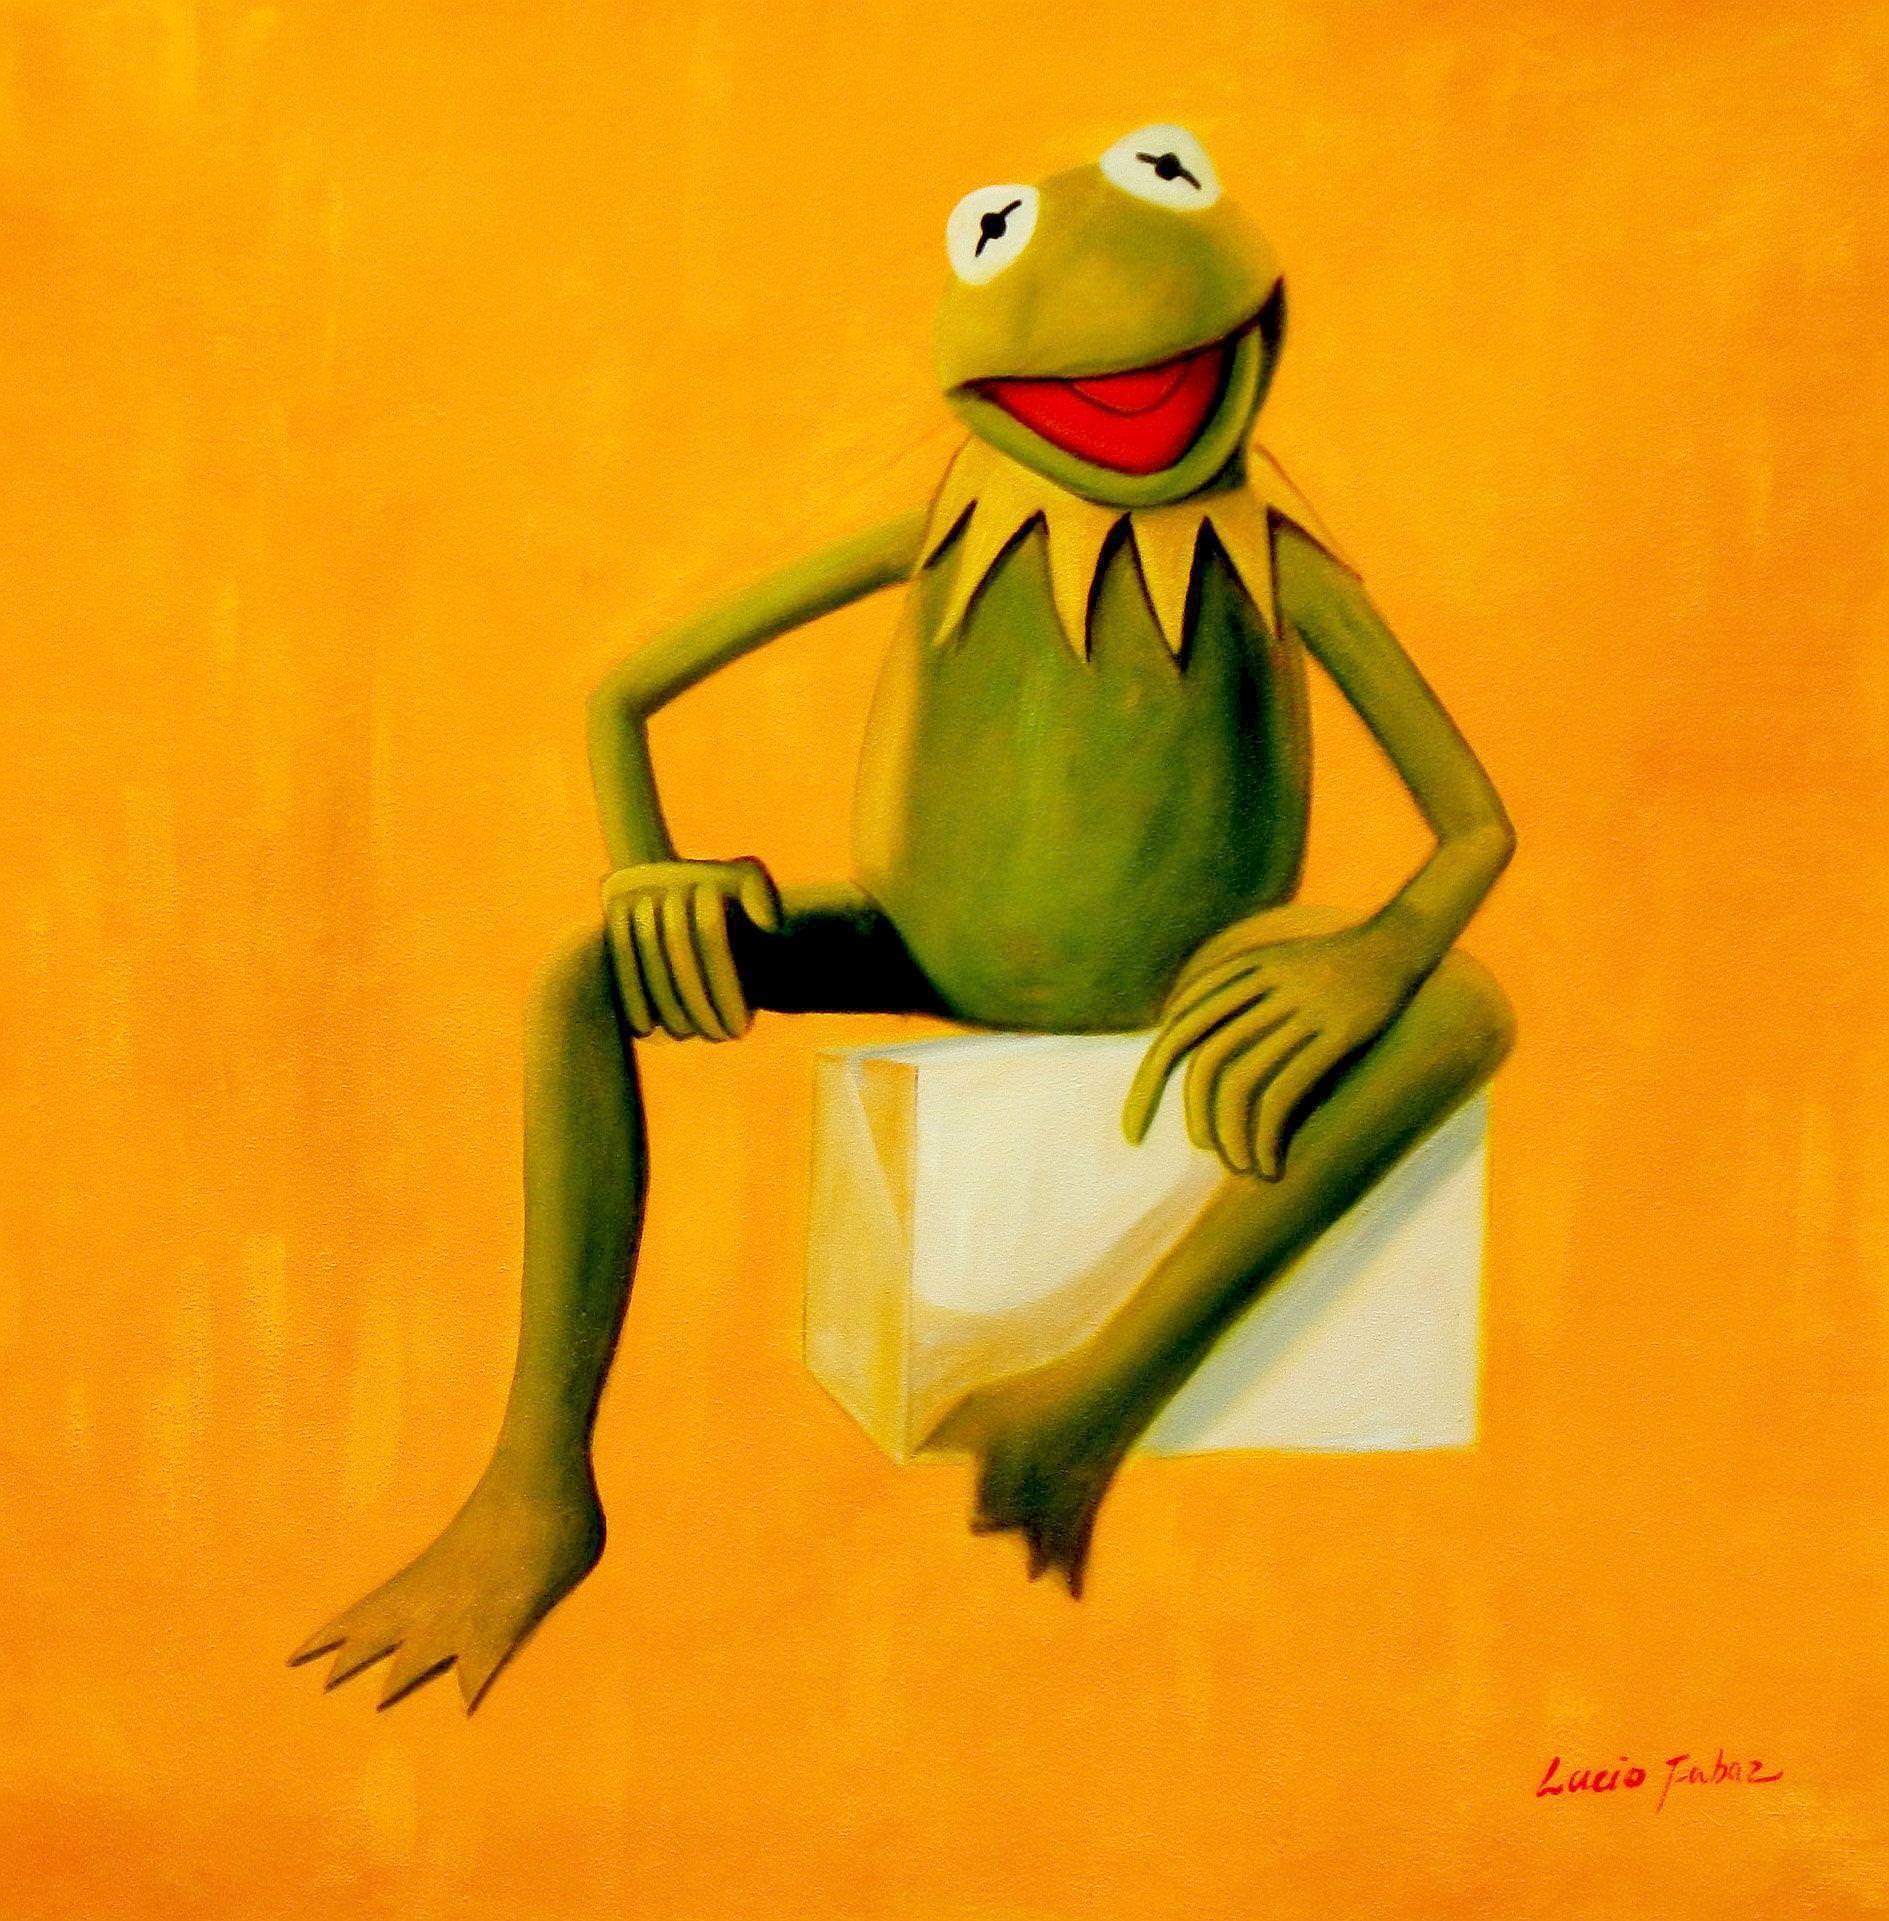 Pop Art - Muppets Kermit auf Gelb g93479 80x80cm spektakuläres Ölbild handgemalt